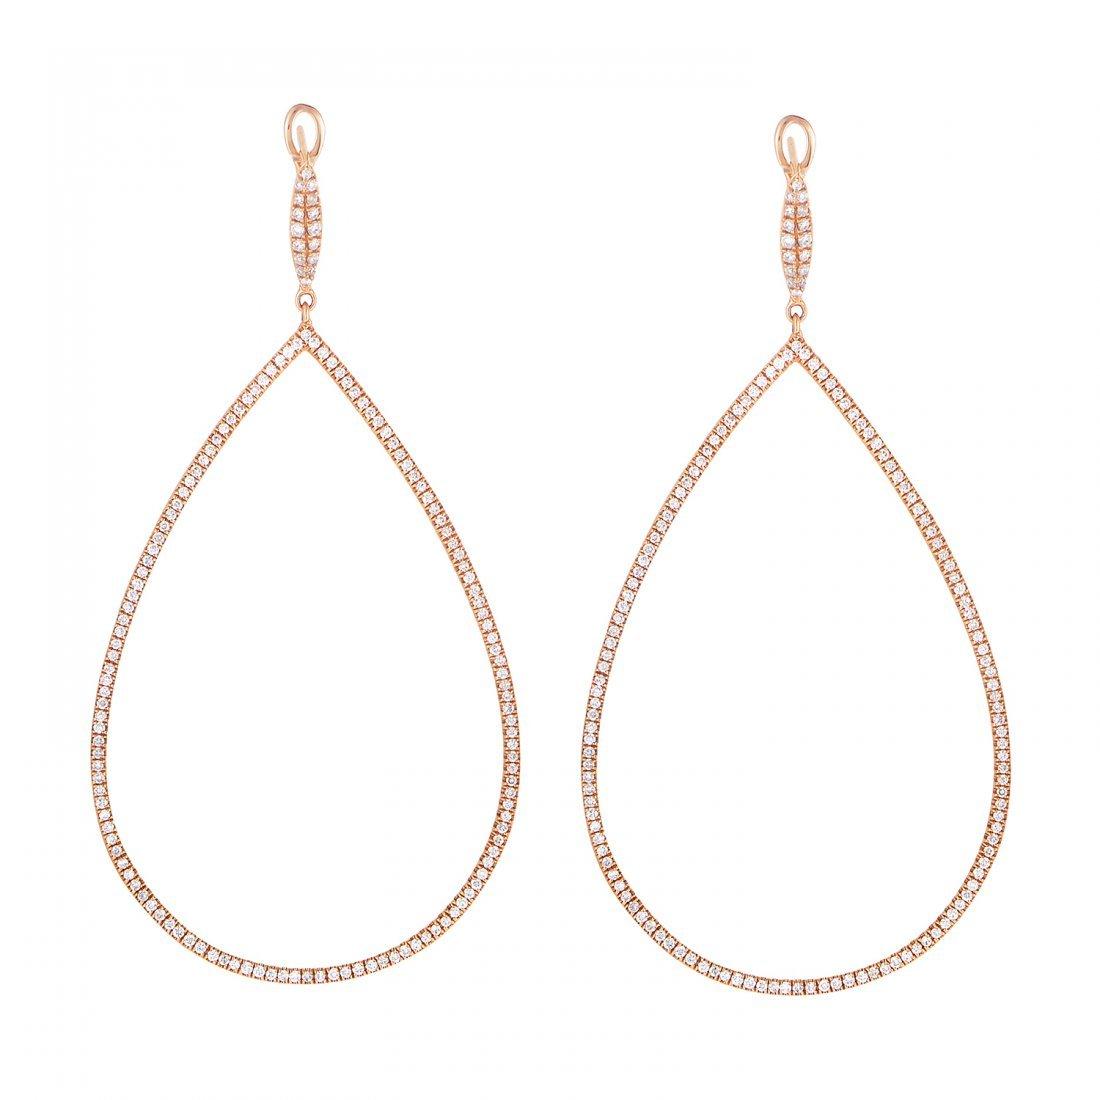 18K Rose Gold Diamond Teardrop Earrings SE49781EFRZ